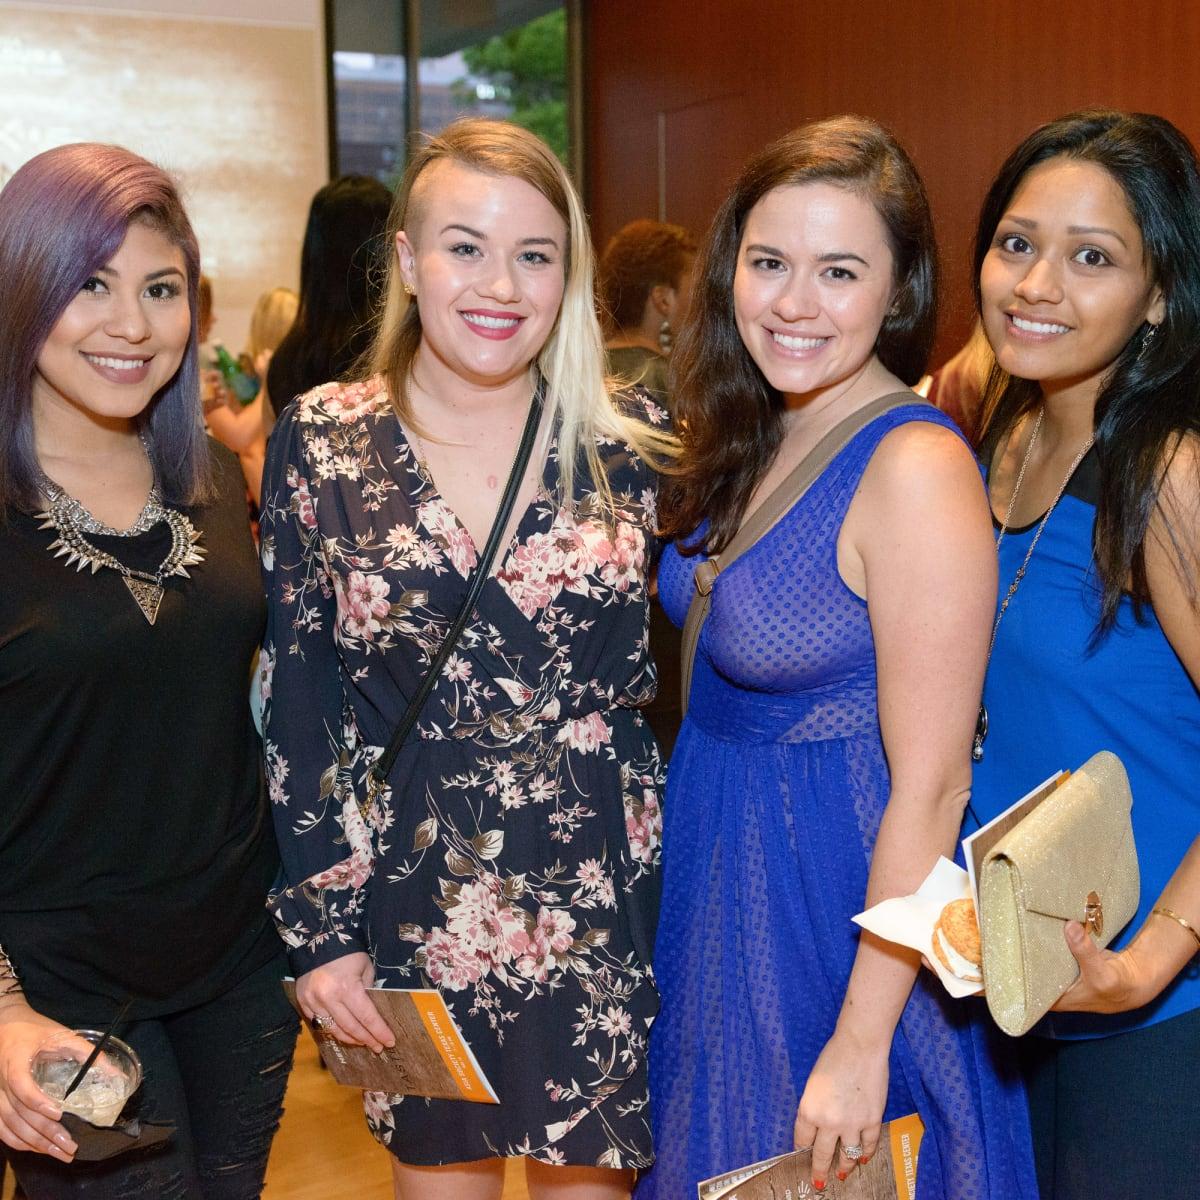 Tastemakers Houston 5/16 Elsa Anariba, Kari Hester, Haley Hester-Ramirez, Ana Lucero